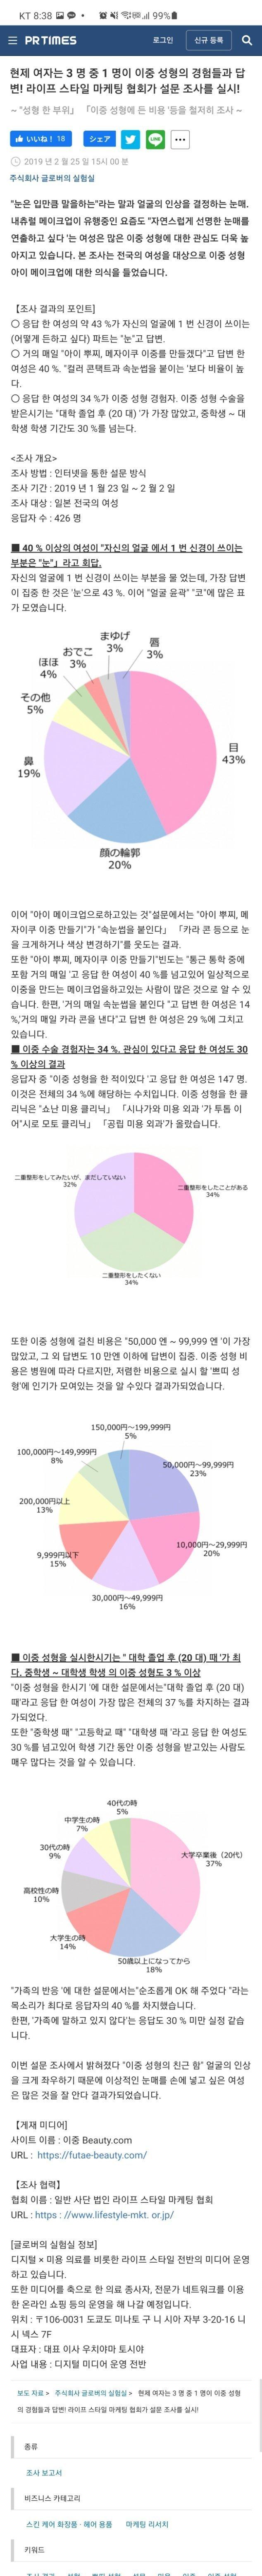 viewimage.php?id=2fbcc323e7d334aa51b1d3a24781&no=24b0d769e1d32ca73fec8ffa11d0283194eeae3ea3f7d0da351cf9d3408070130c1a73e7958e9aea47457f0b2a9763425bc7f3ec82c1990749cfef8e82667f8abbde1ba4441a37c26b